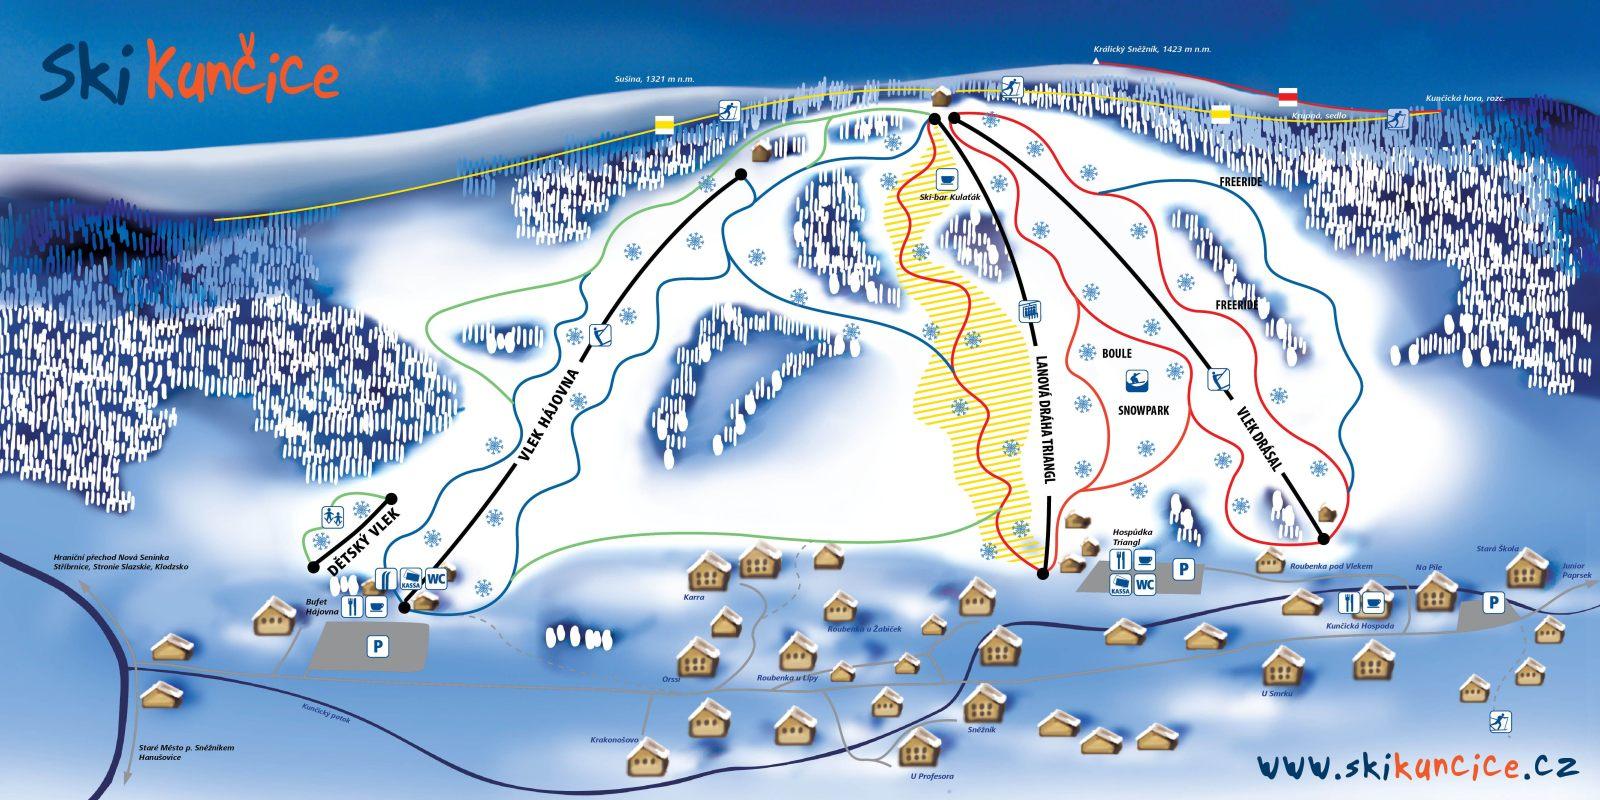 mapa web201213